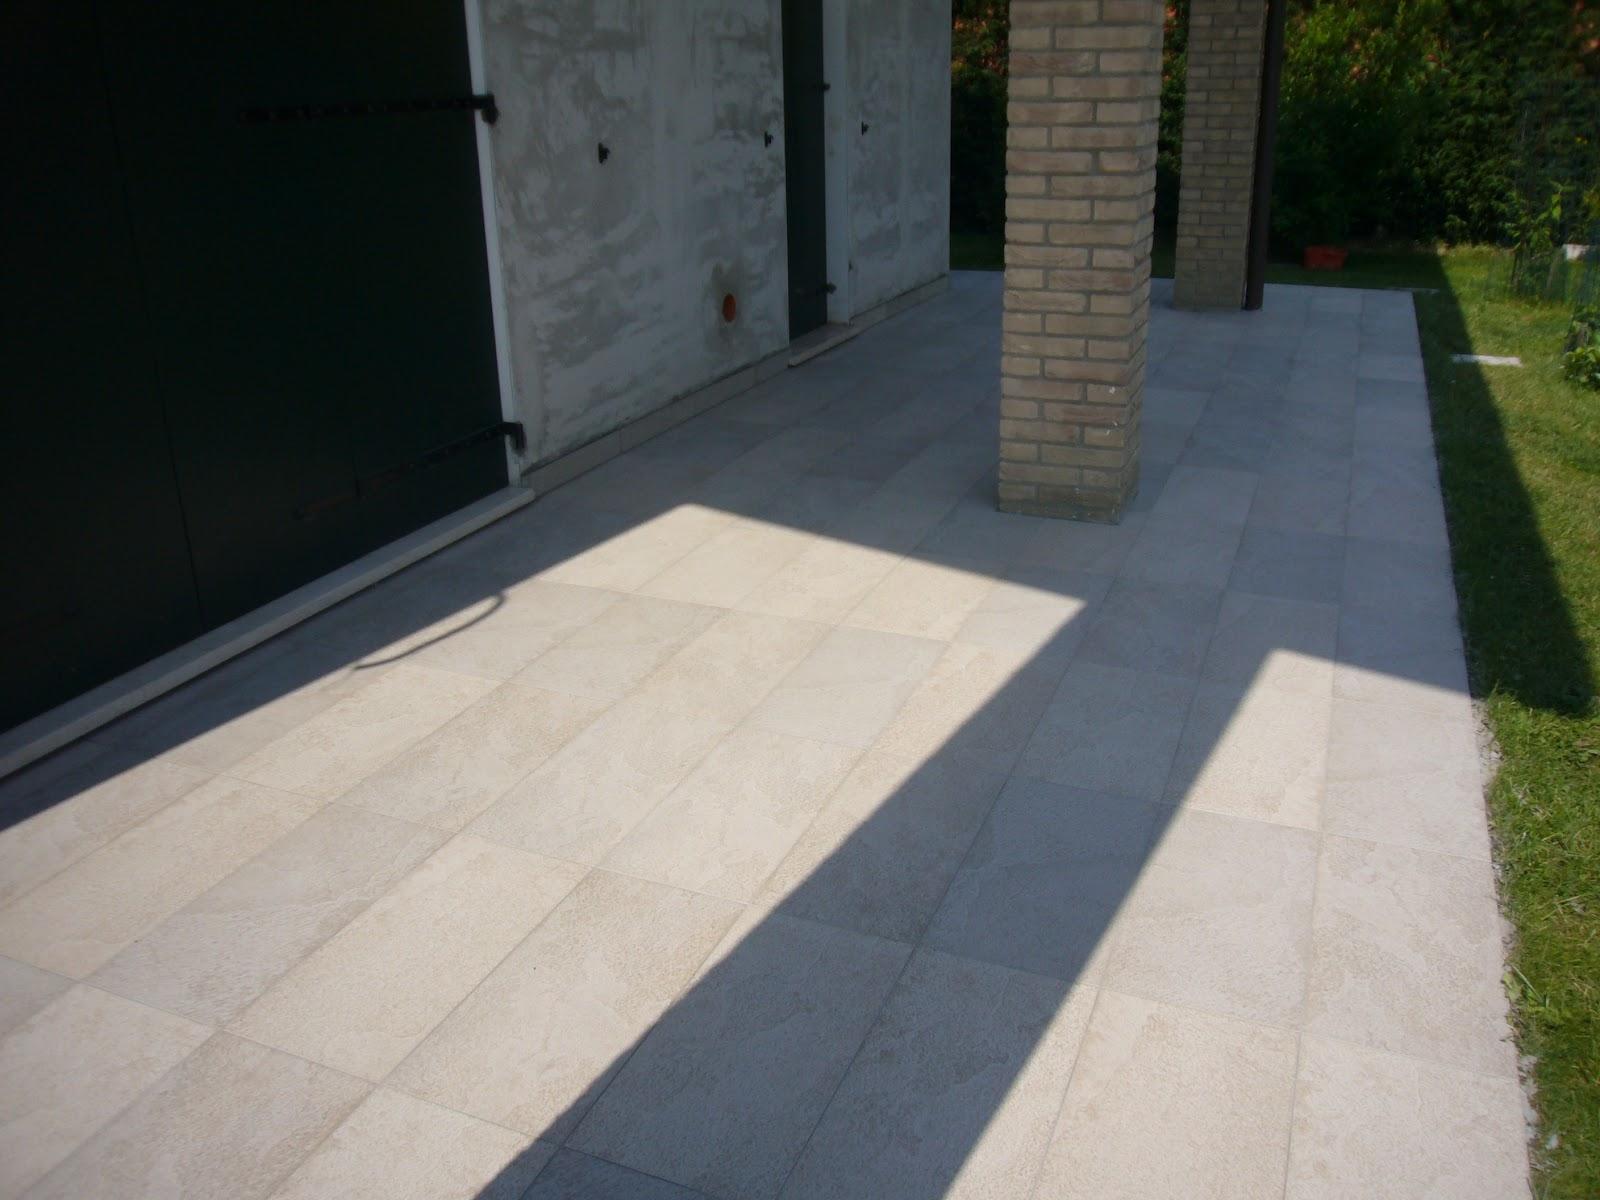 Pavimento esterno gabbatore mattia - Posa piastrelle esterno ...